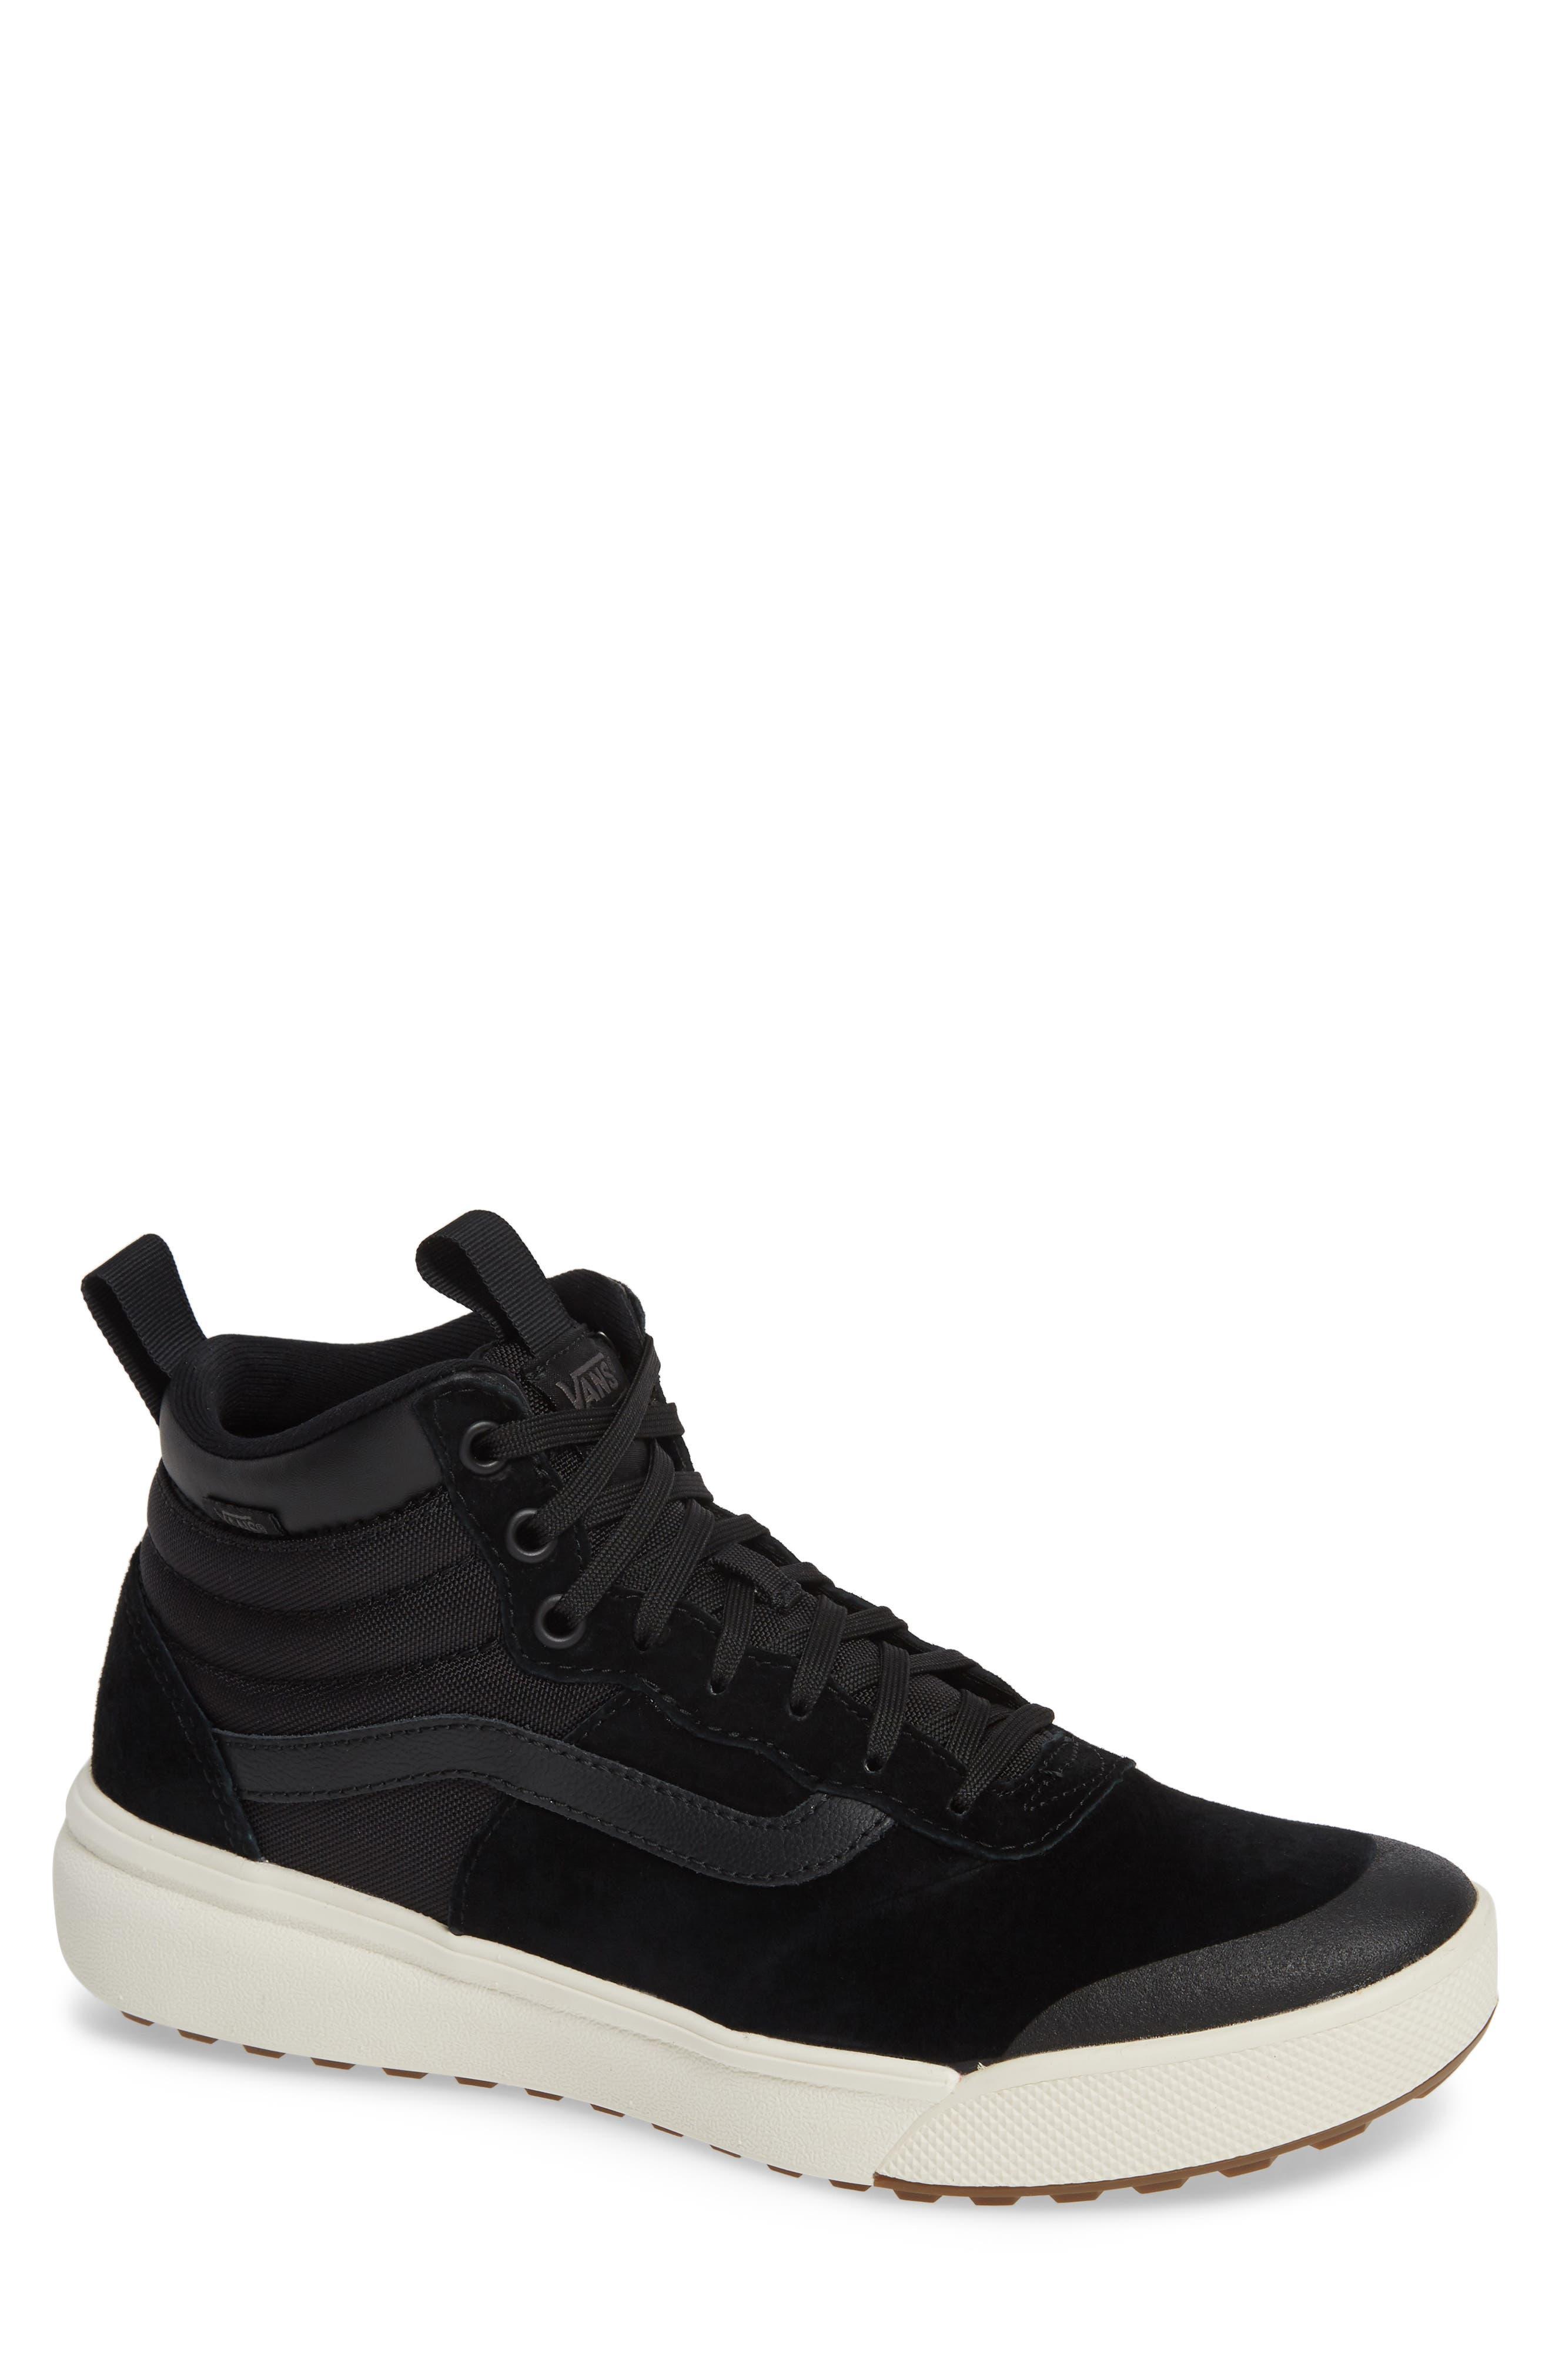 Ultrarange Hi Sneaker,                         Main,                         color, BLACK